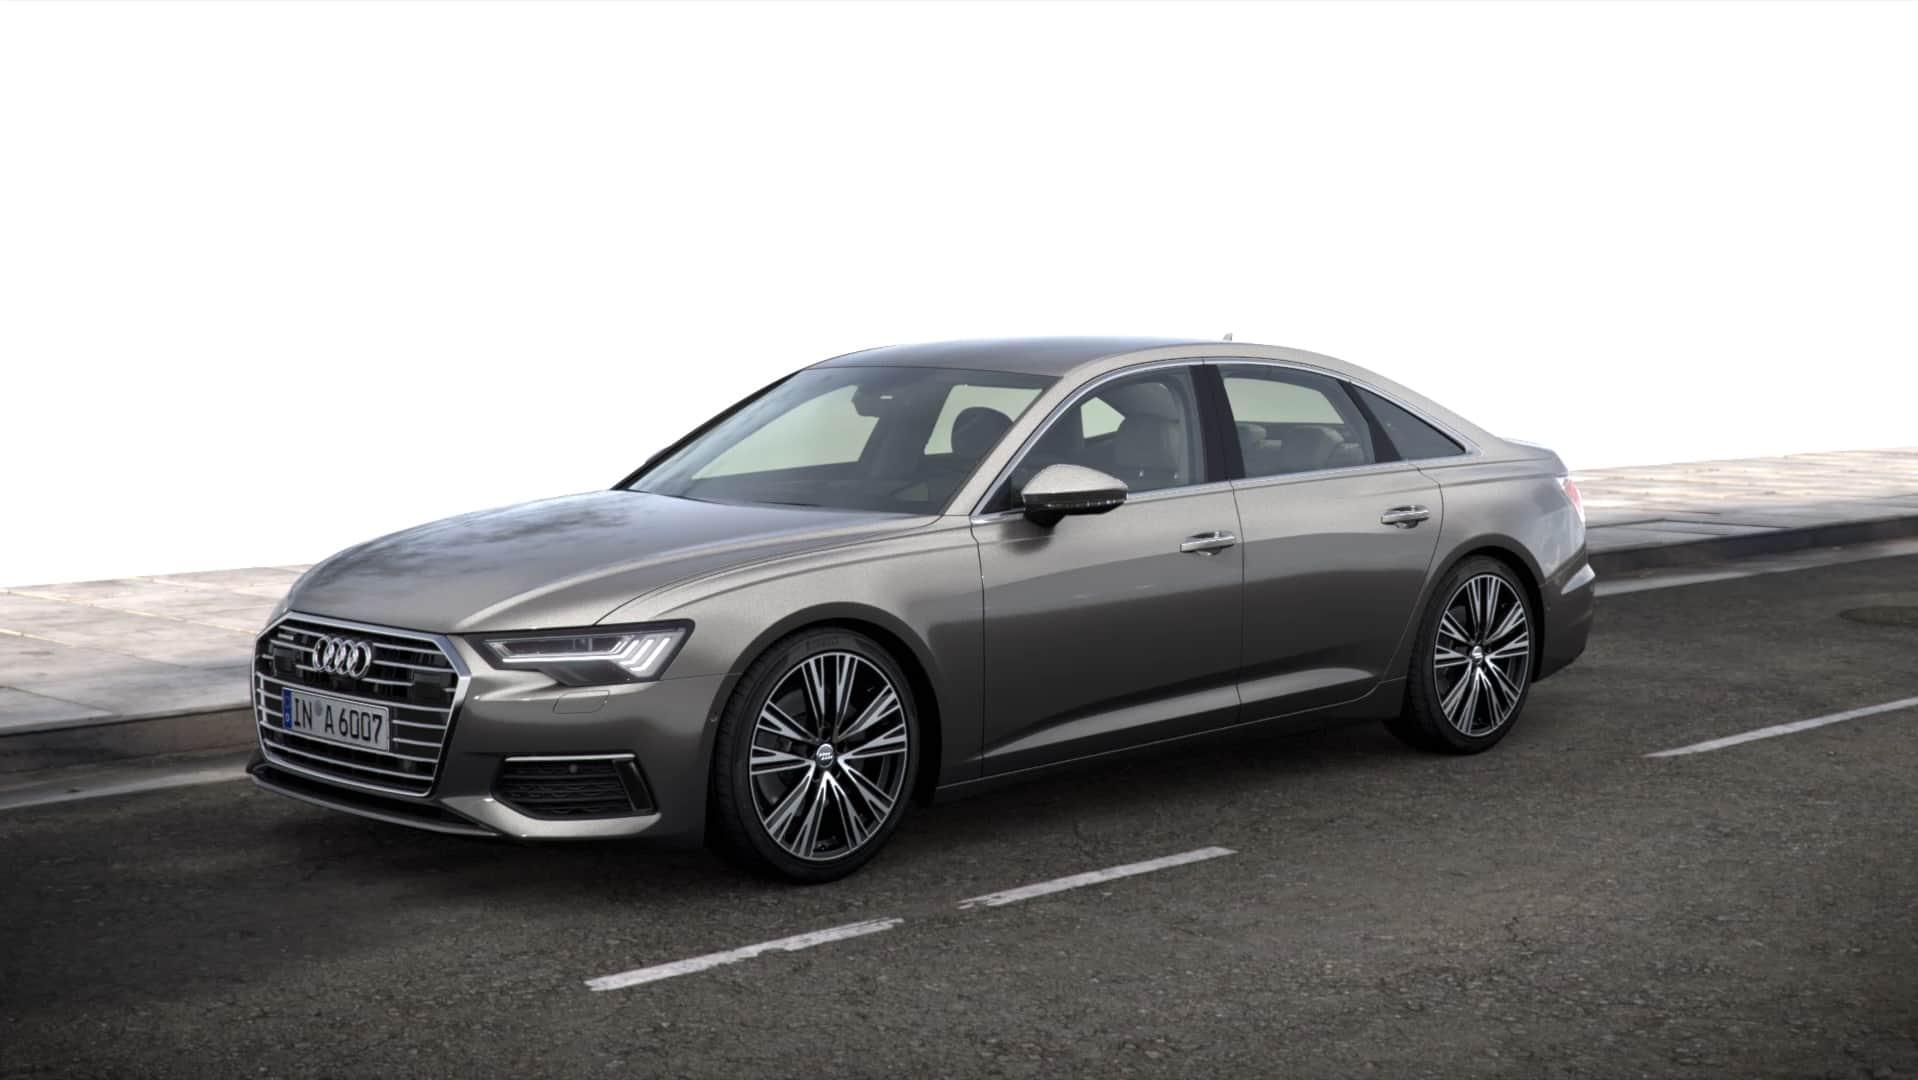 Kelebihan Kekurangan Audi A6 Coupe Spesifikasi